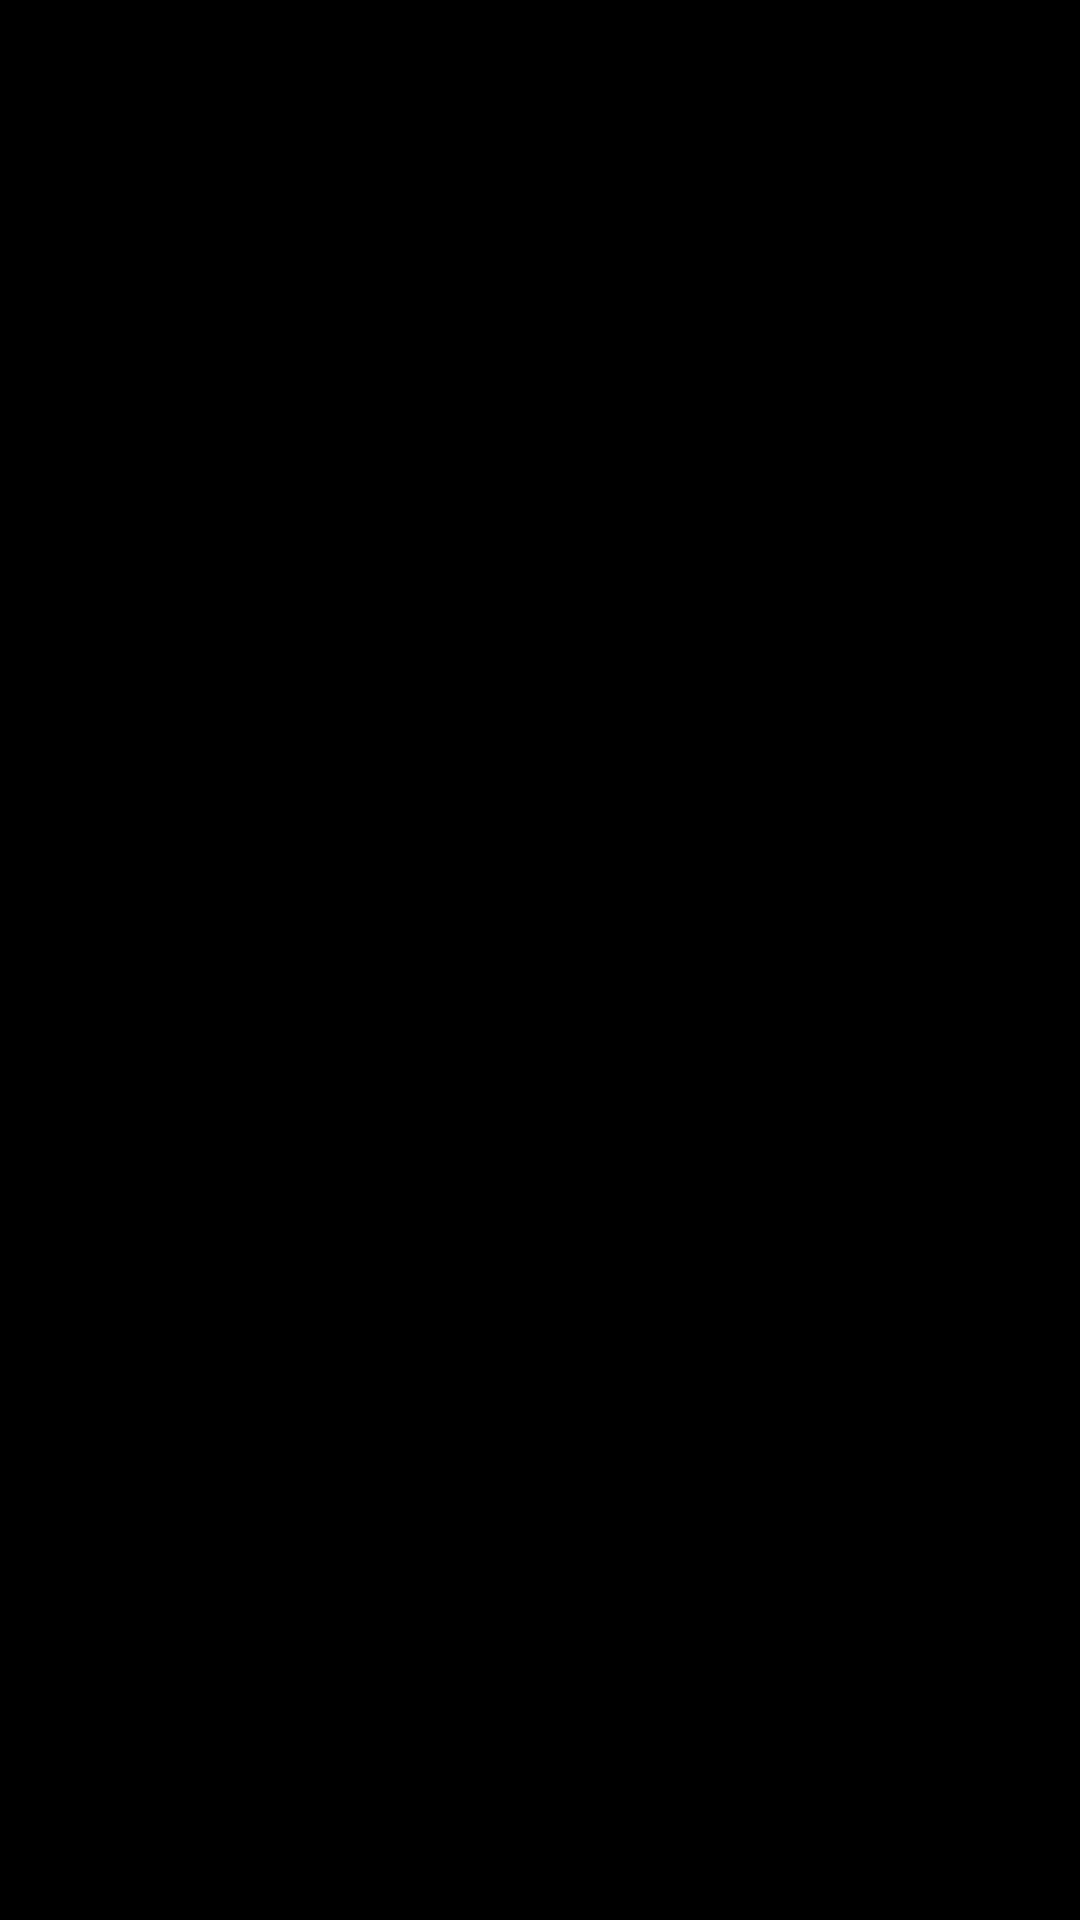 78102c773ea187dcfda0af590315cd91